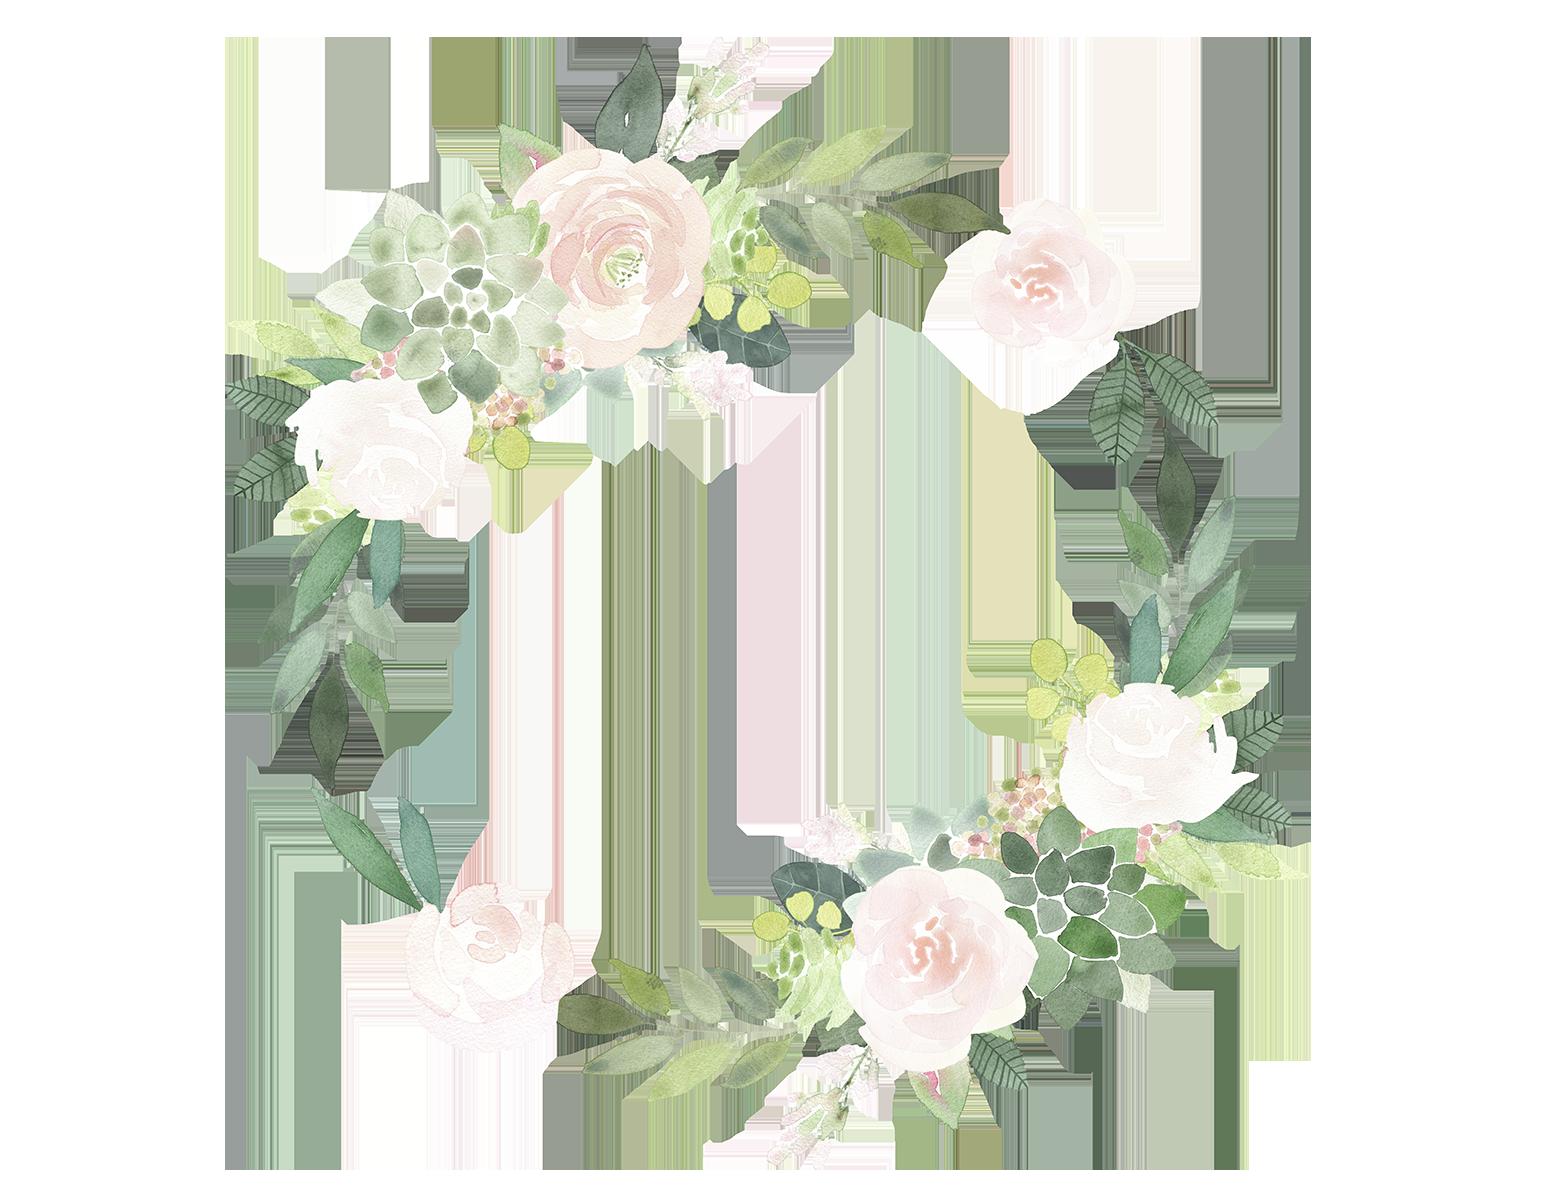 Floral clipart succulent. Baby plans ashley oberholtzer